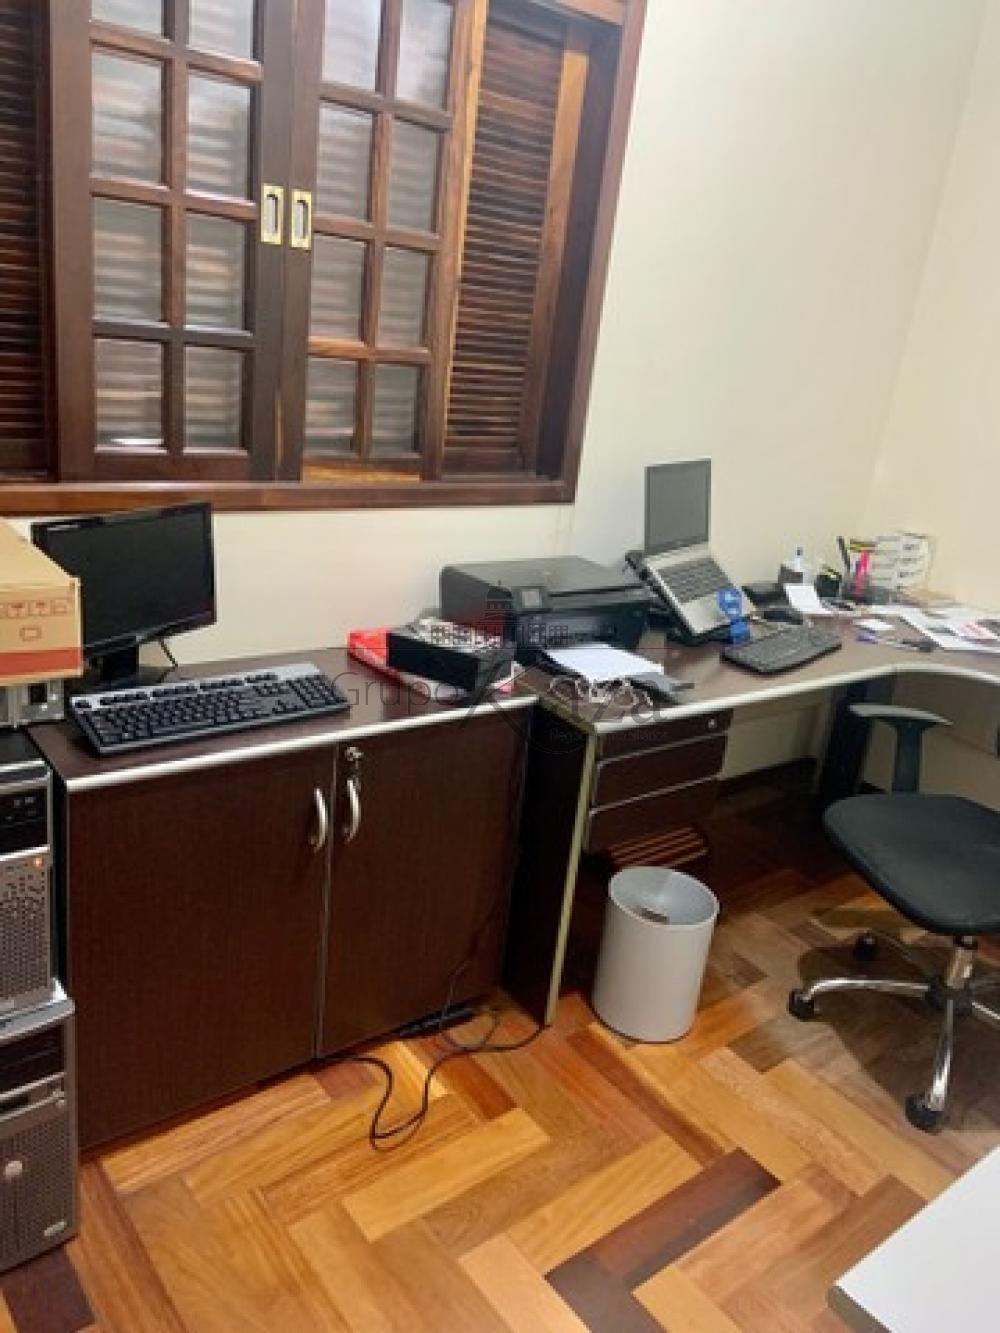 Comprar Casa / Geminada em São José dos Campos R$ 748.000,00 - Foto 6